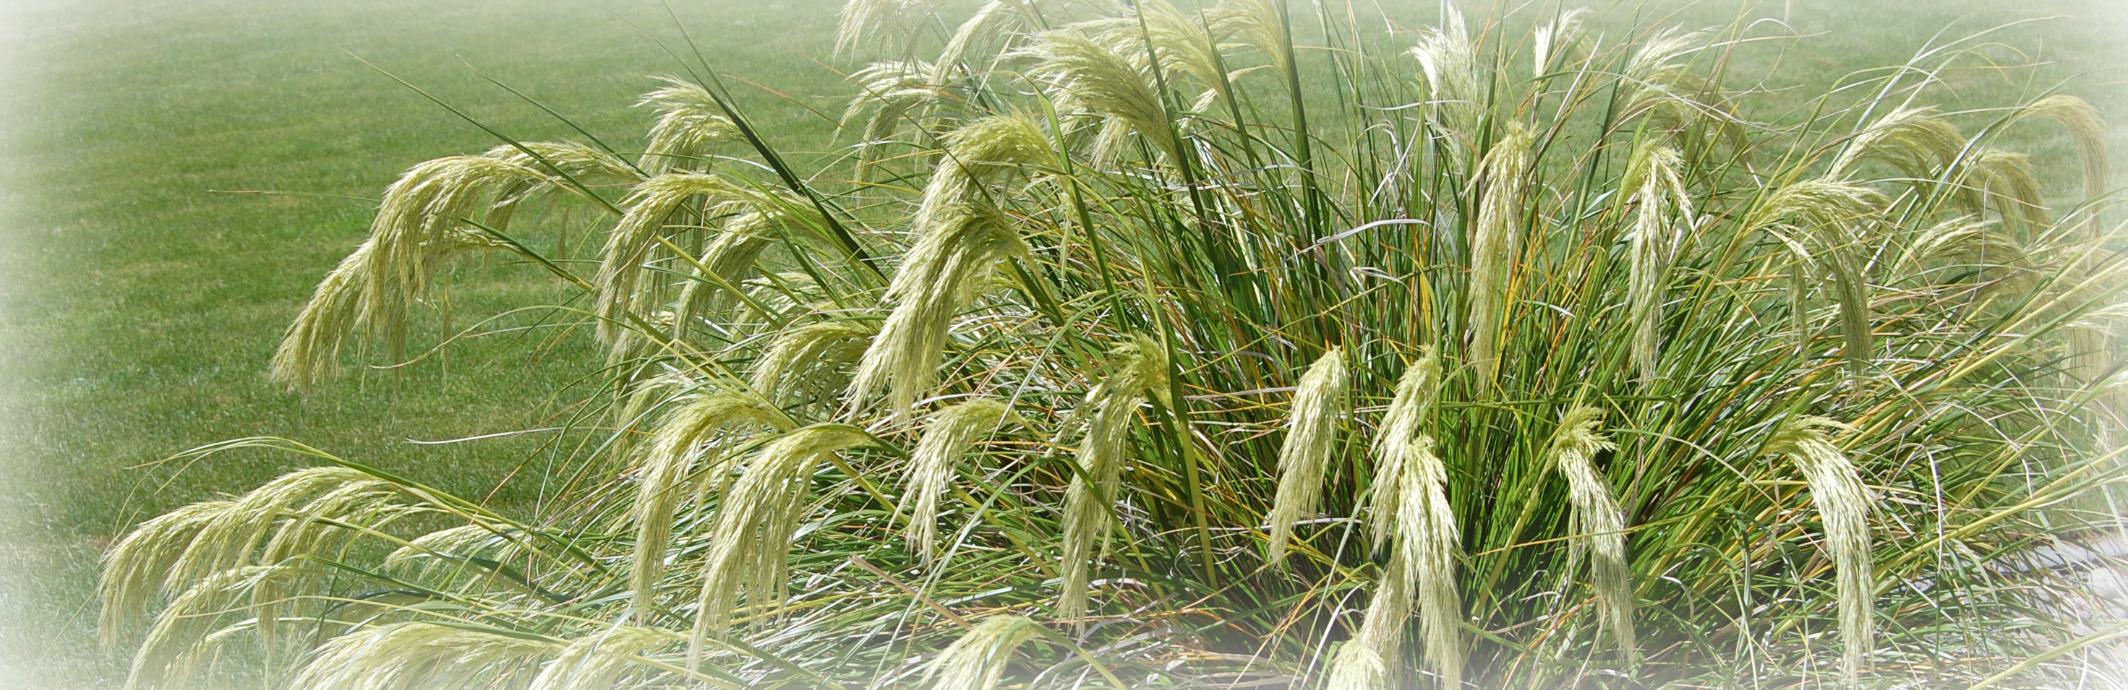 NZ grass.jpg